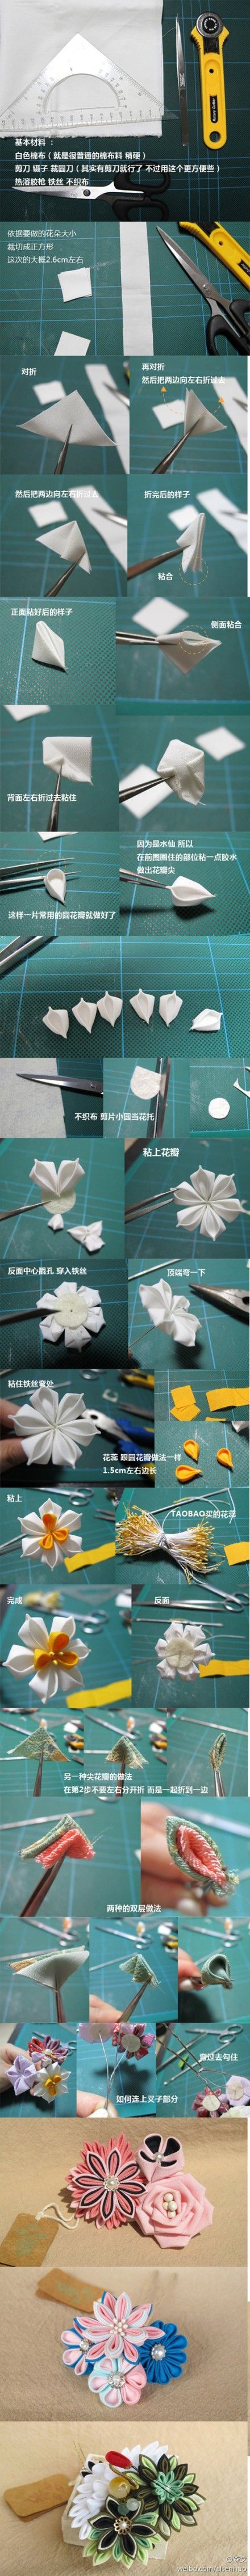 #森女手作工坊#日式和风小清新花簪制作过程,真心太赞了!(来自哇噻网 创意画报)